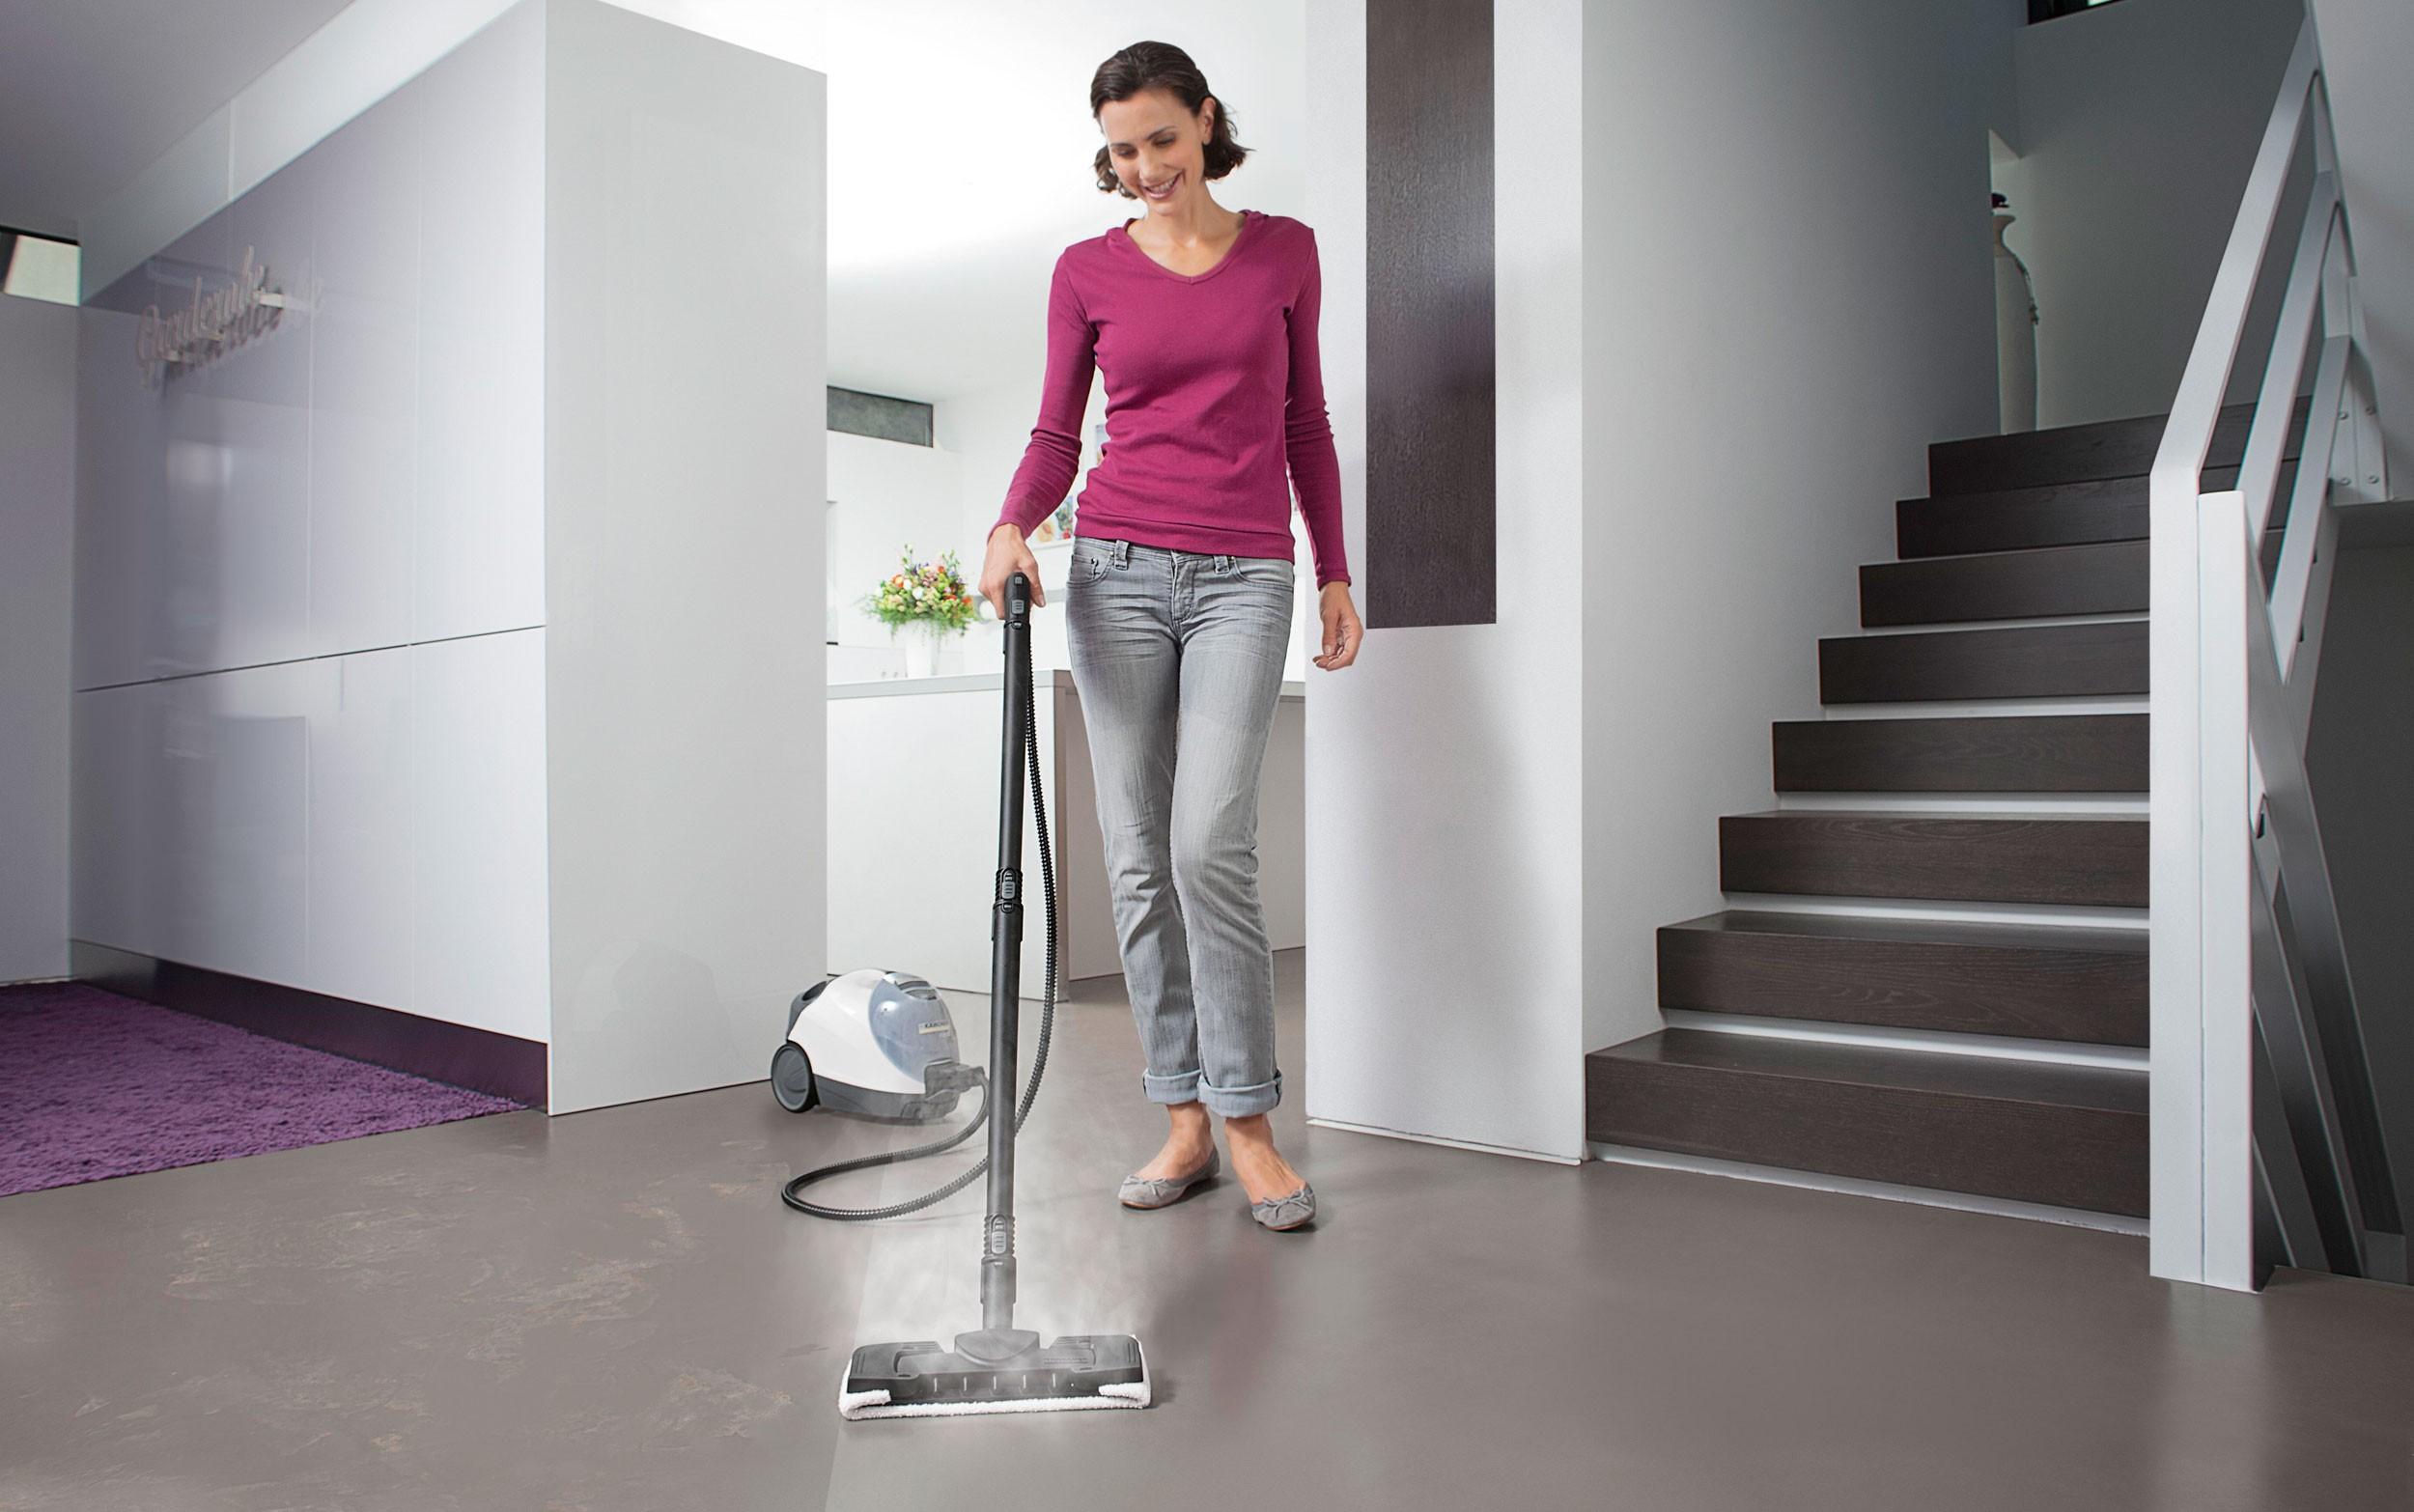 Kärcher ångtvätt   för grundlig rengöring av ditt hem   elgiganten